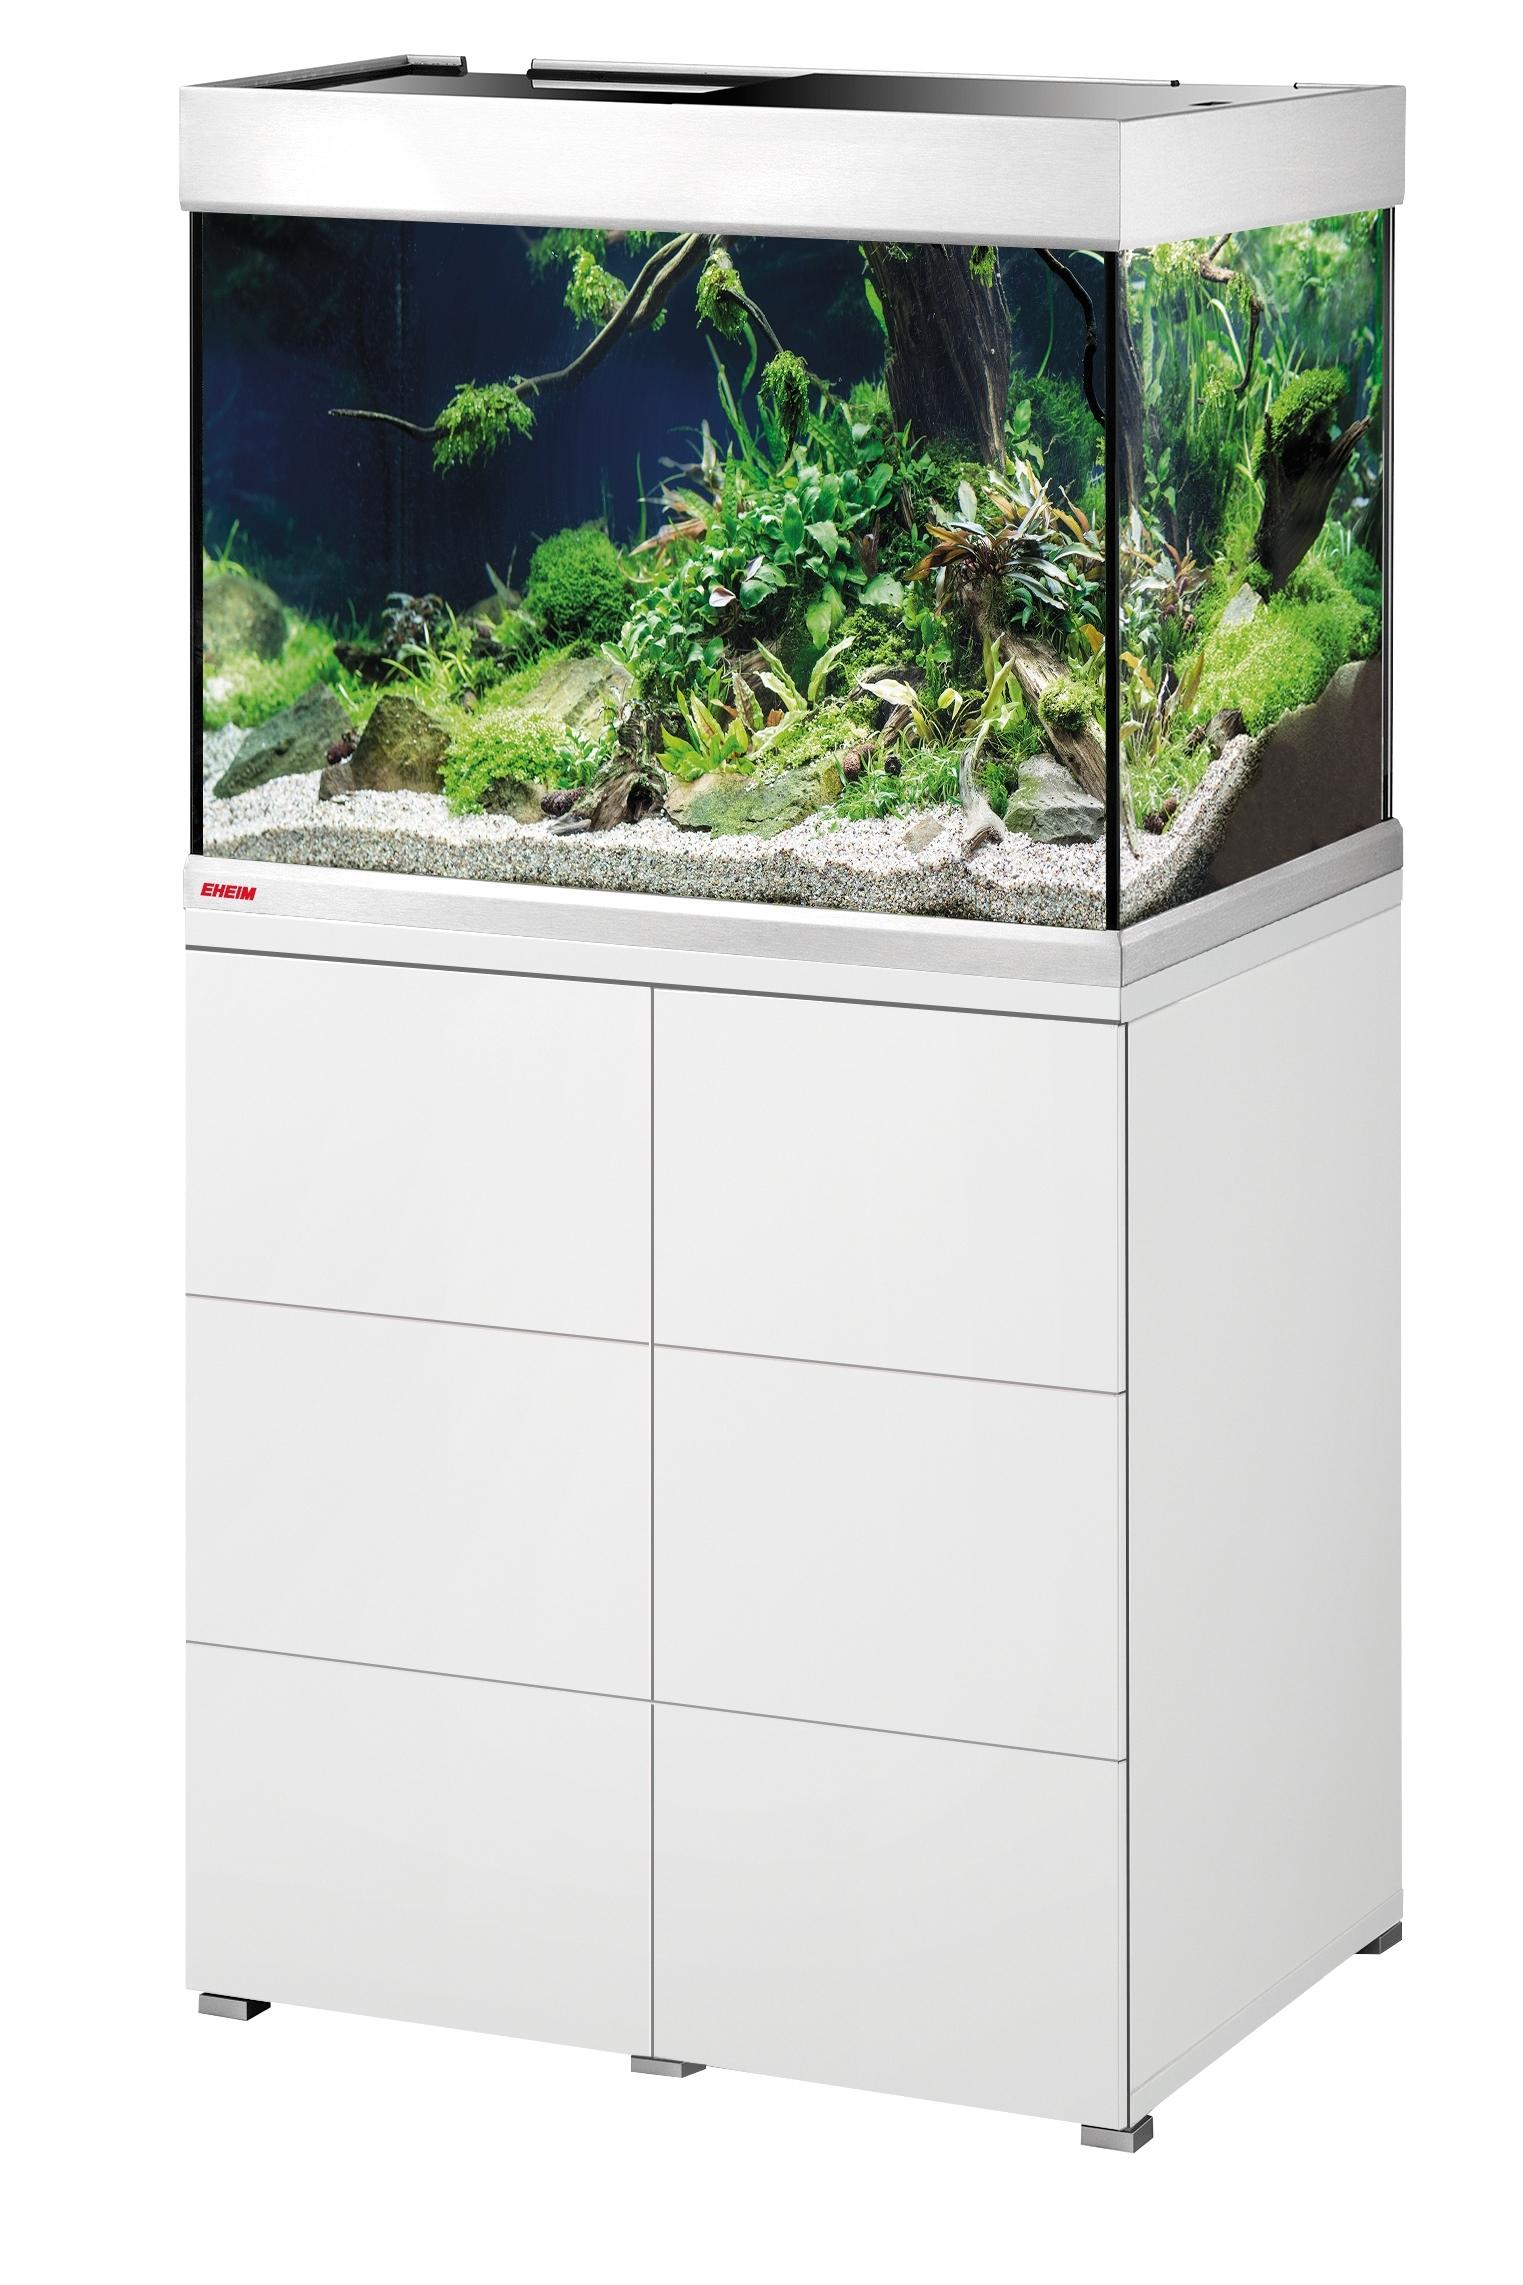 Ein Vorteil solcher Aquarien-Kombinationen ist, dass der stabile Unterschrank viel Platz für Filter und Zubehör bietet.